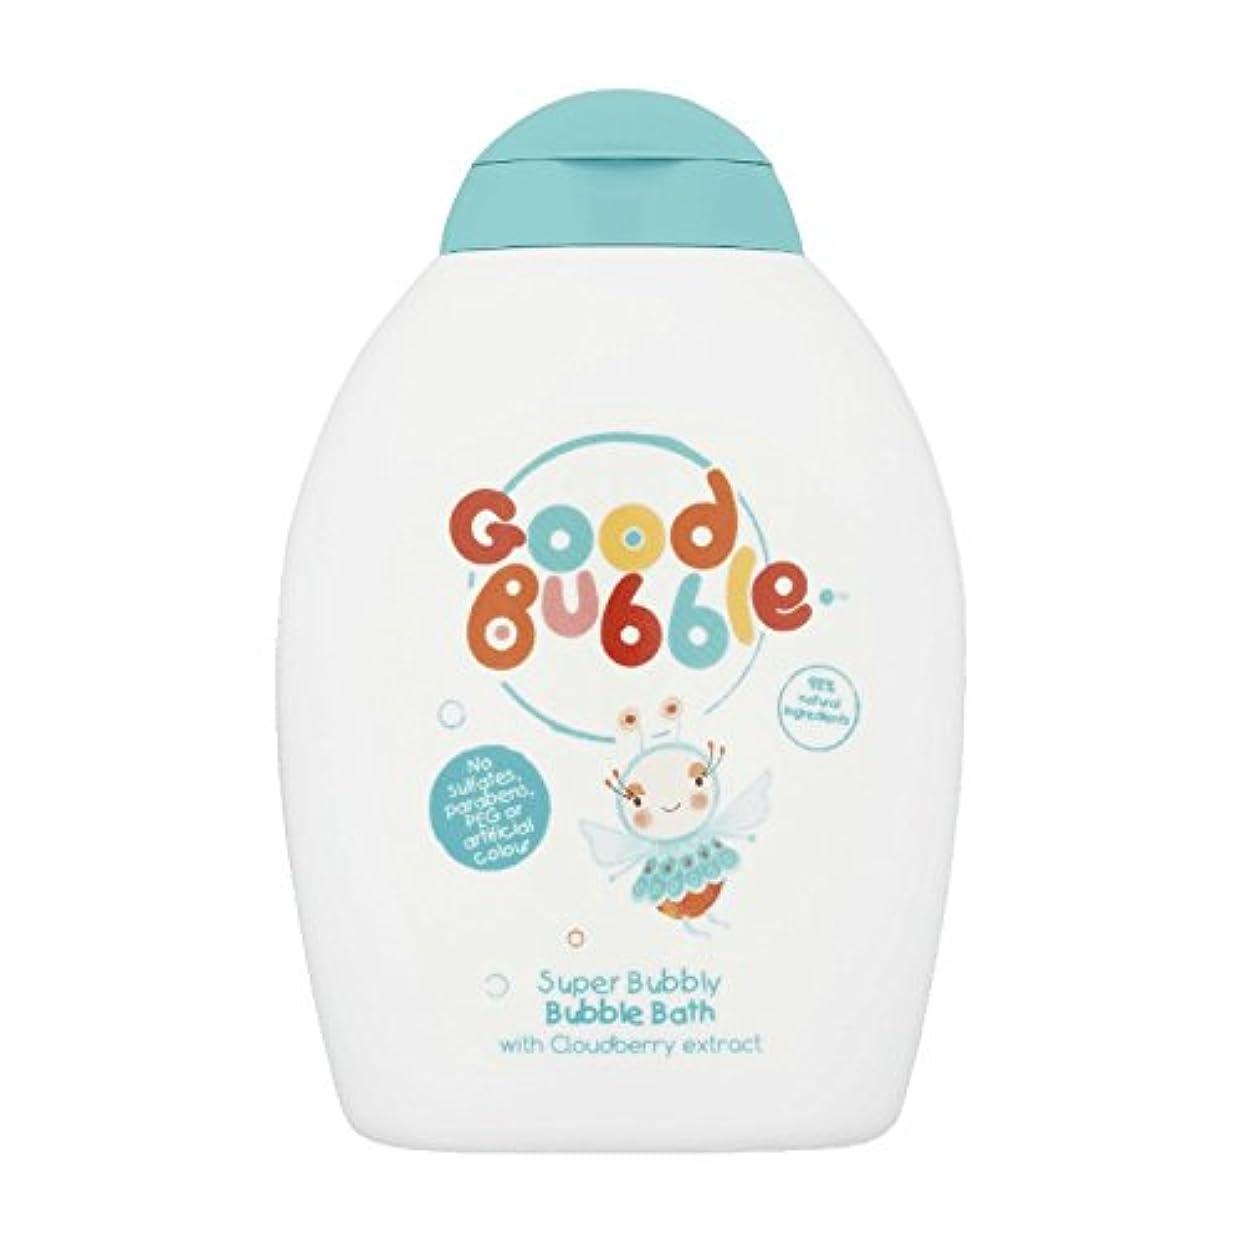 定義する誘惑する木曜日Good Bubble Cloudberry Bubble Bath 400ml (Pack of 6) - 良いバブルクラウドベリーバブルバス400ミリリットル (x6) [並行輸入品]